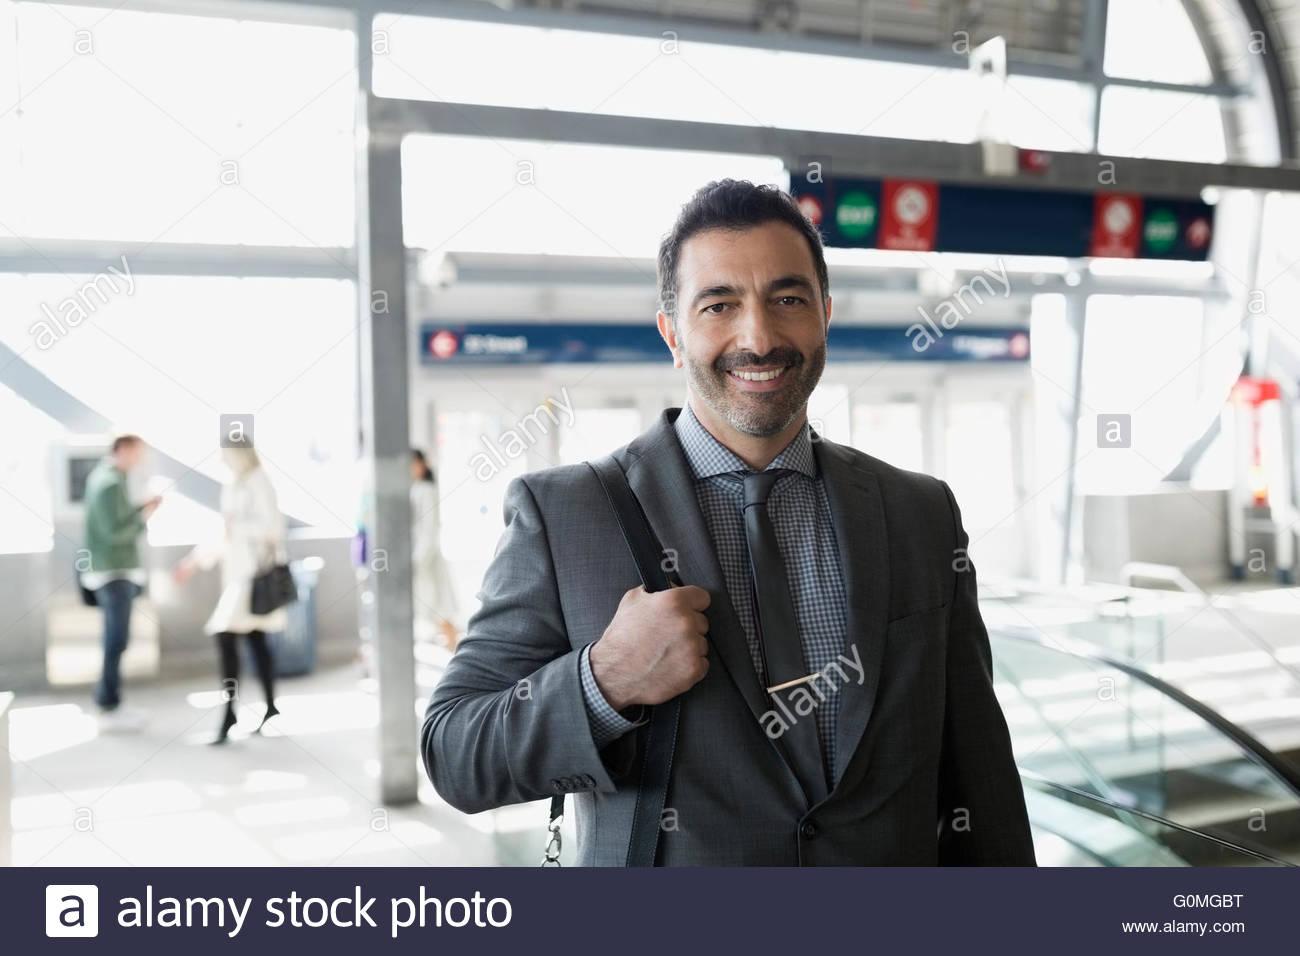 Retrato empresario sonriente en la estación de tren Imagen De Stock